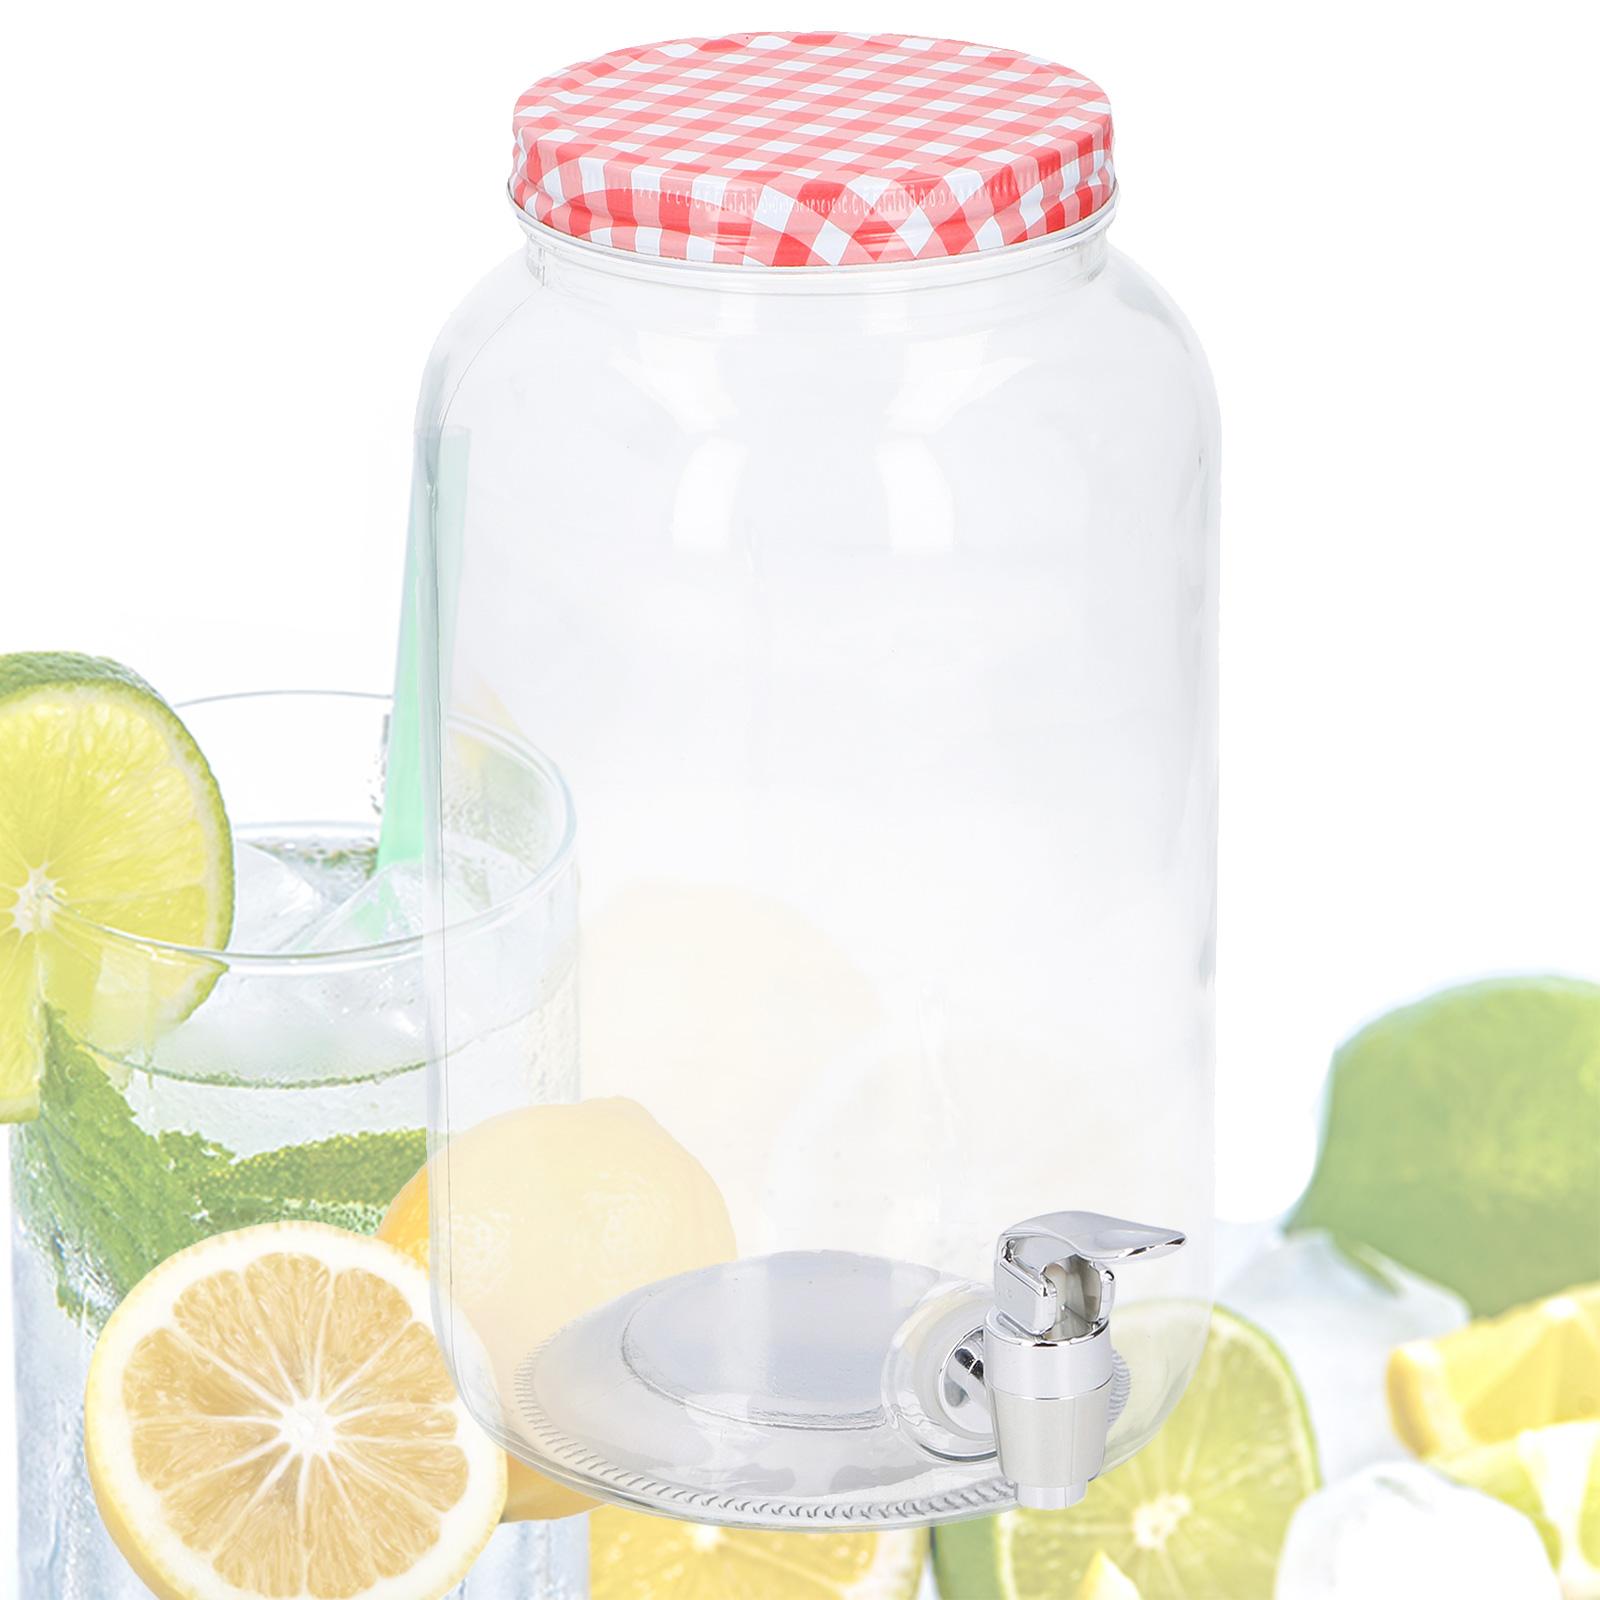 saftspender 3 liter glas mit zapfhahn wasserspender getr nkespender ebay. Black Bedroom Furniture Sets. Home Design Ideas